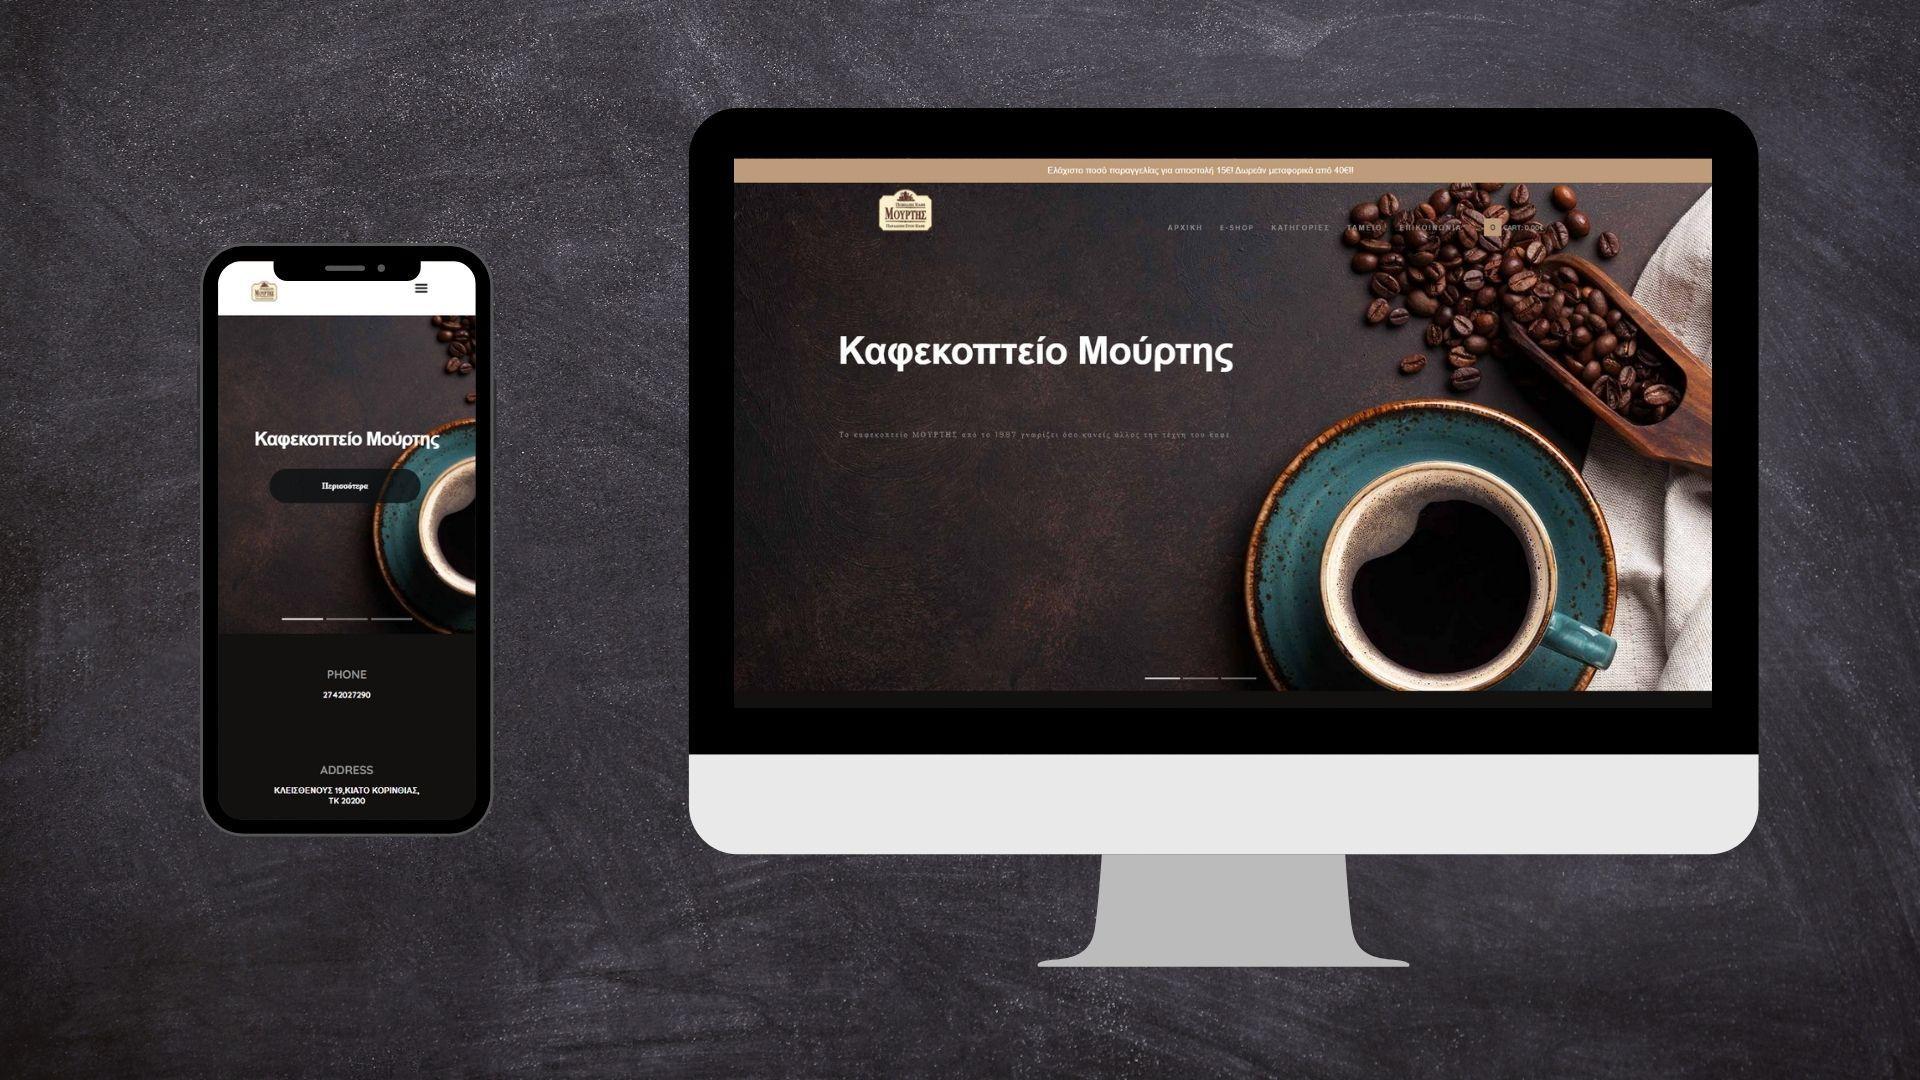 kafekopteiomourtis.gr